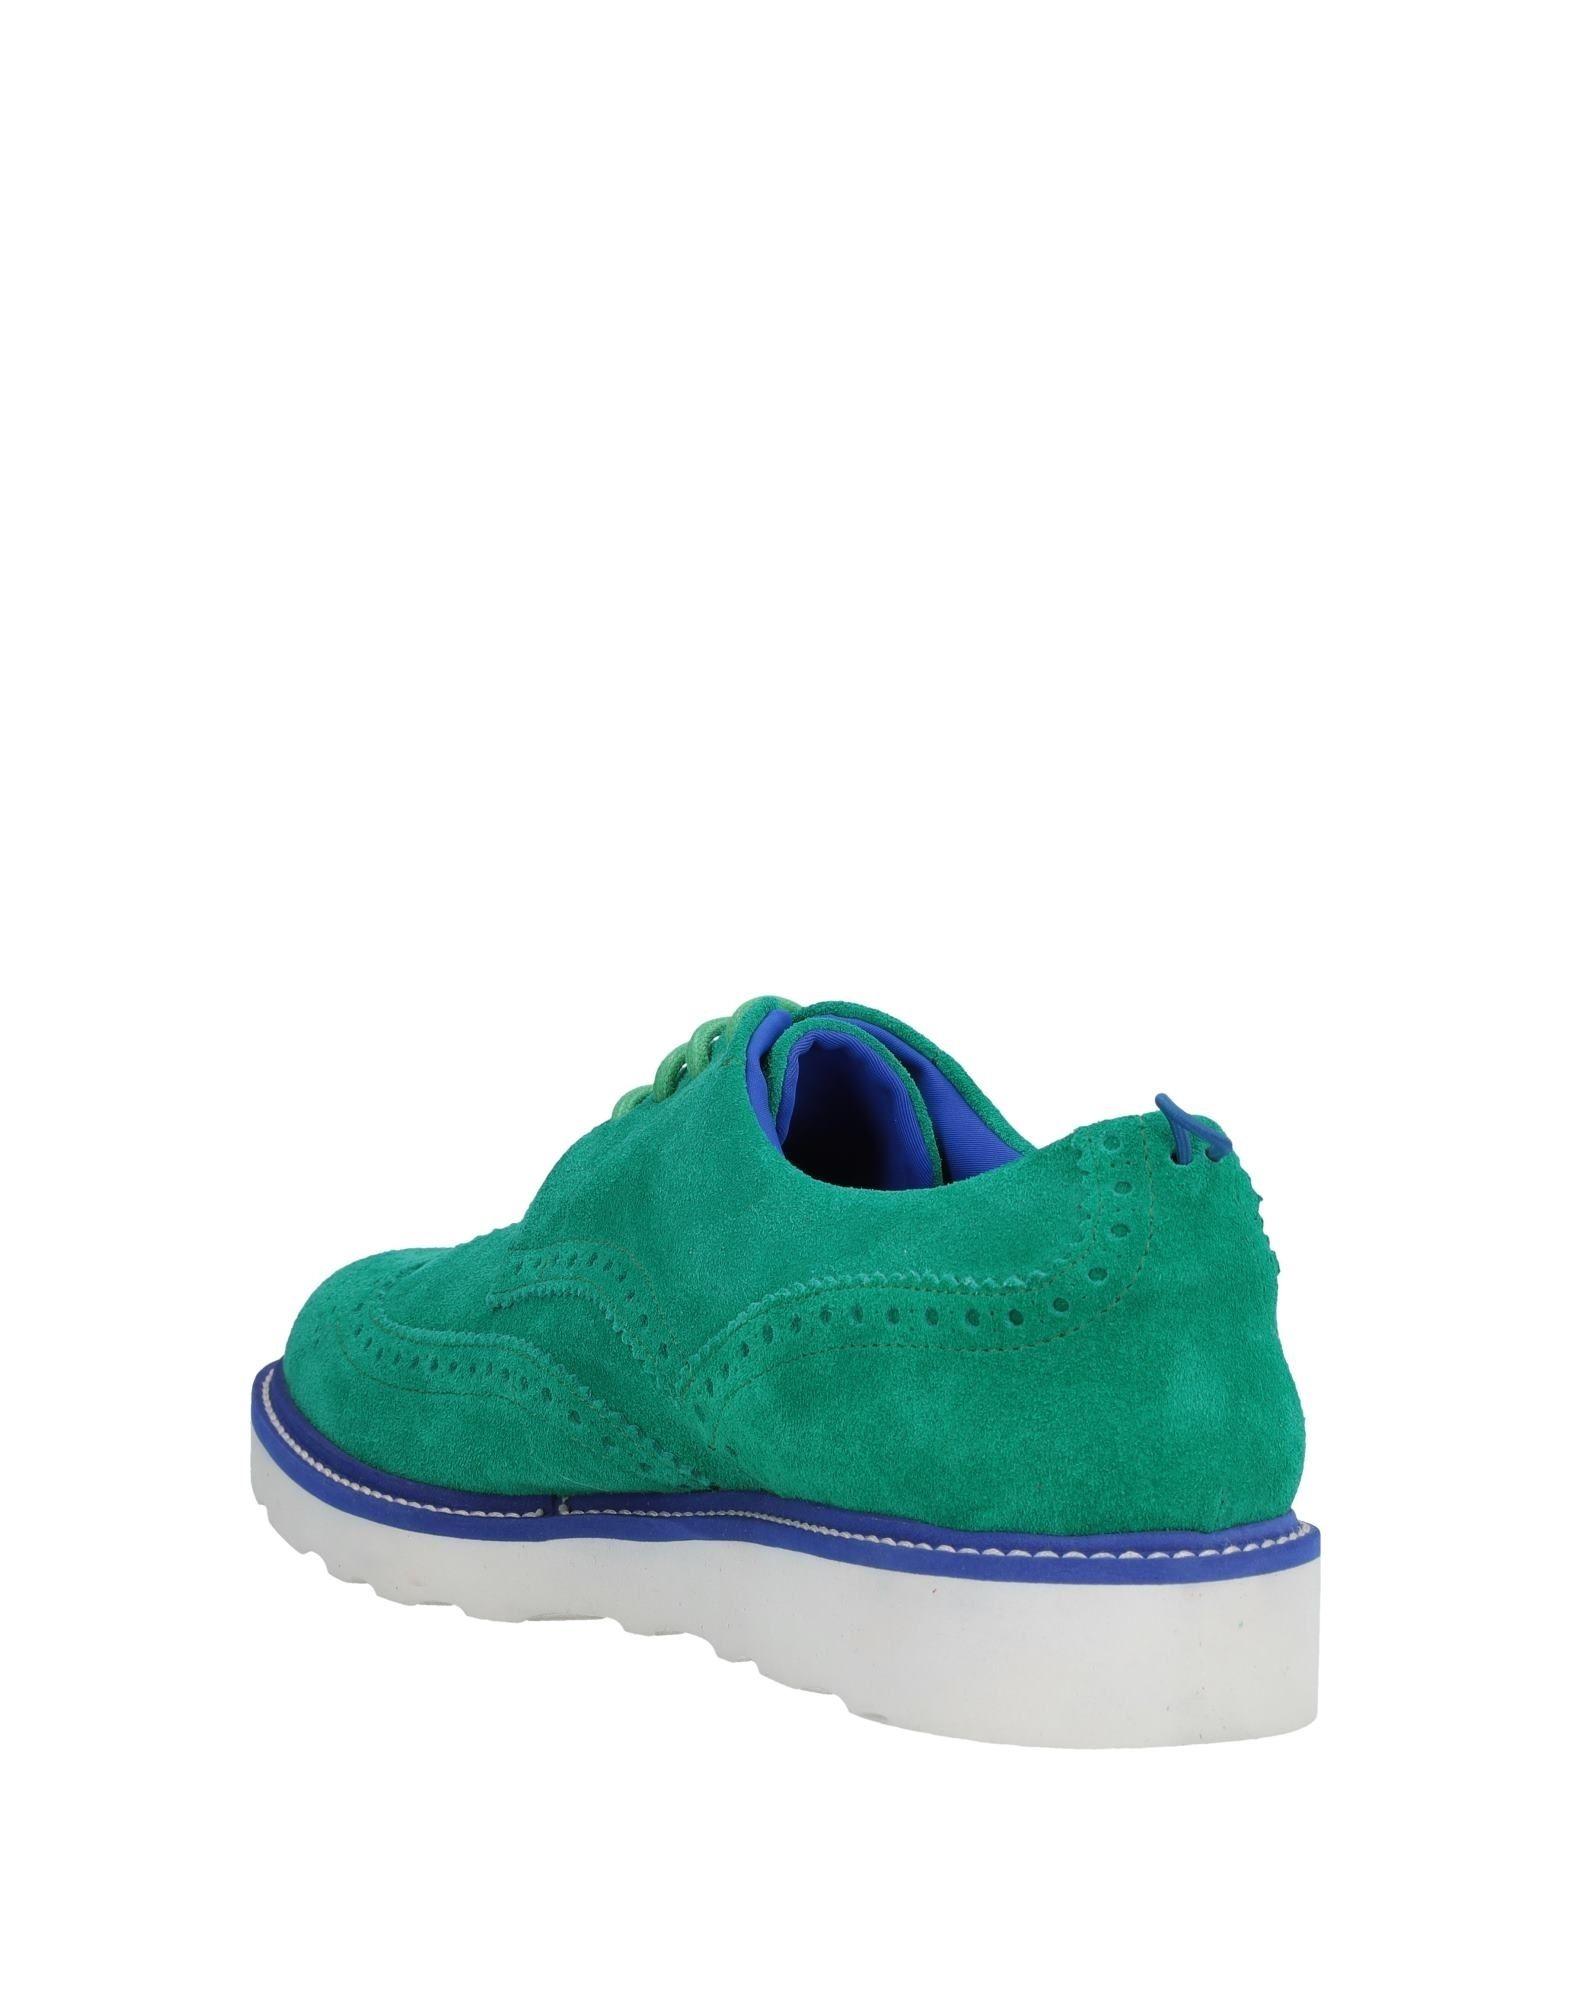 Haltbare Mode billige Schuhe Pulchrum! Schnürschuhe Herren  11182169QB Heiße Schuhe